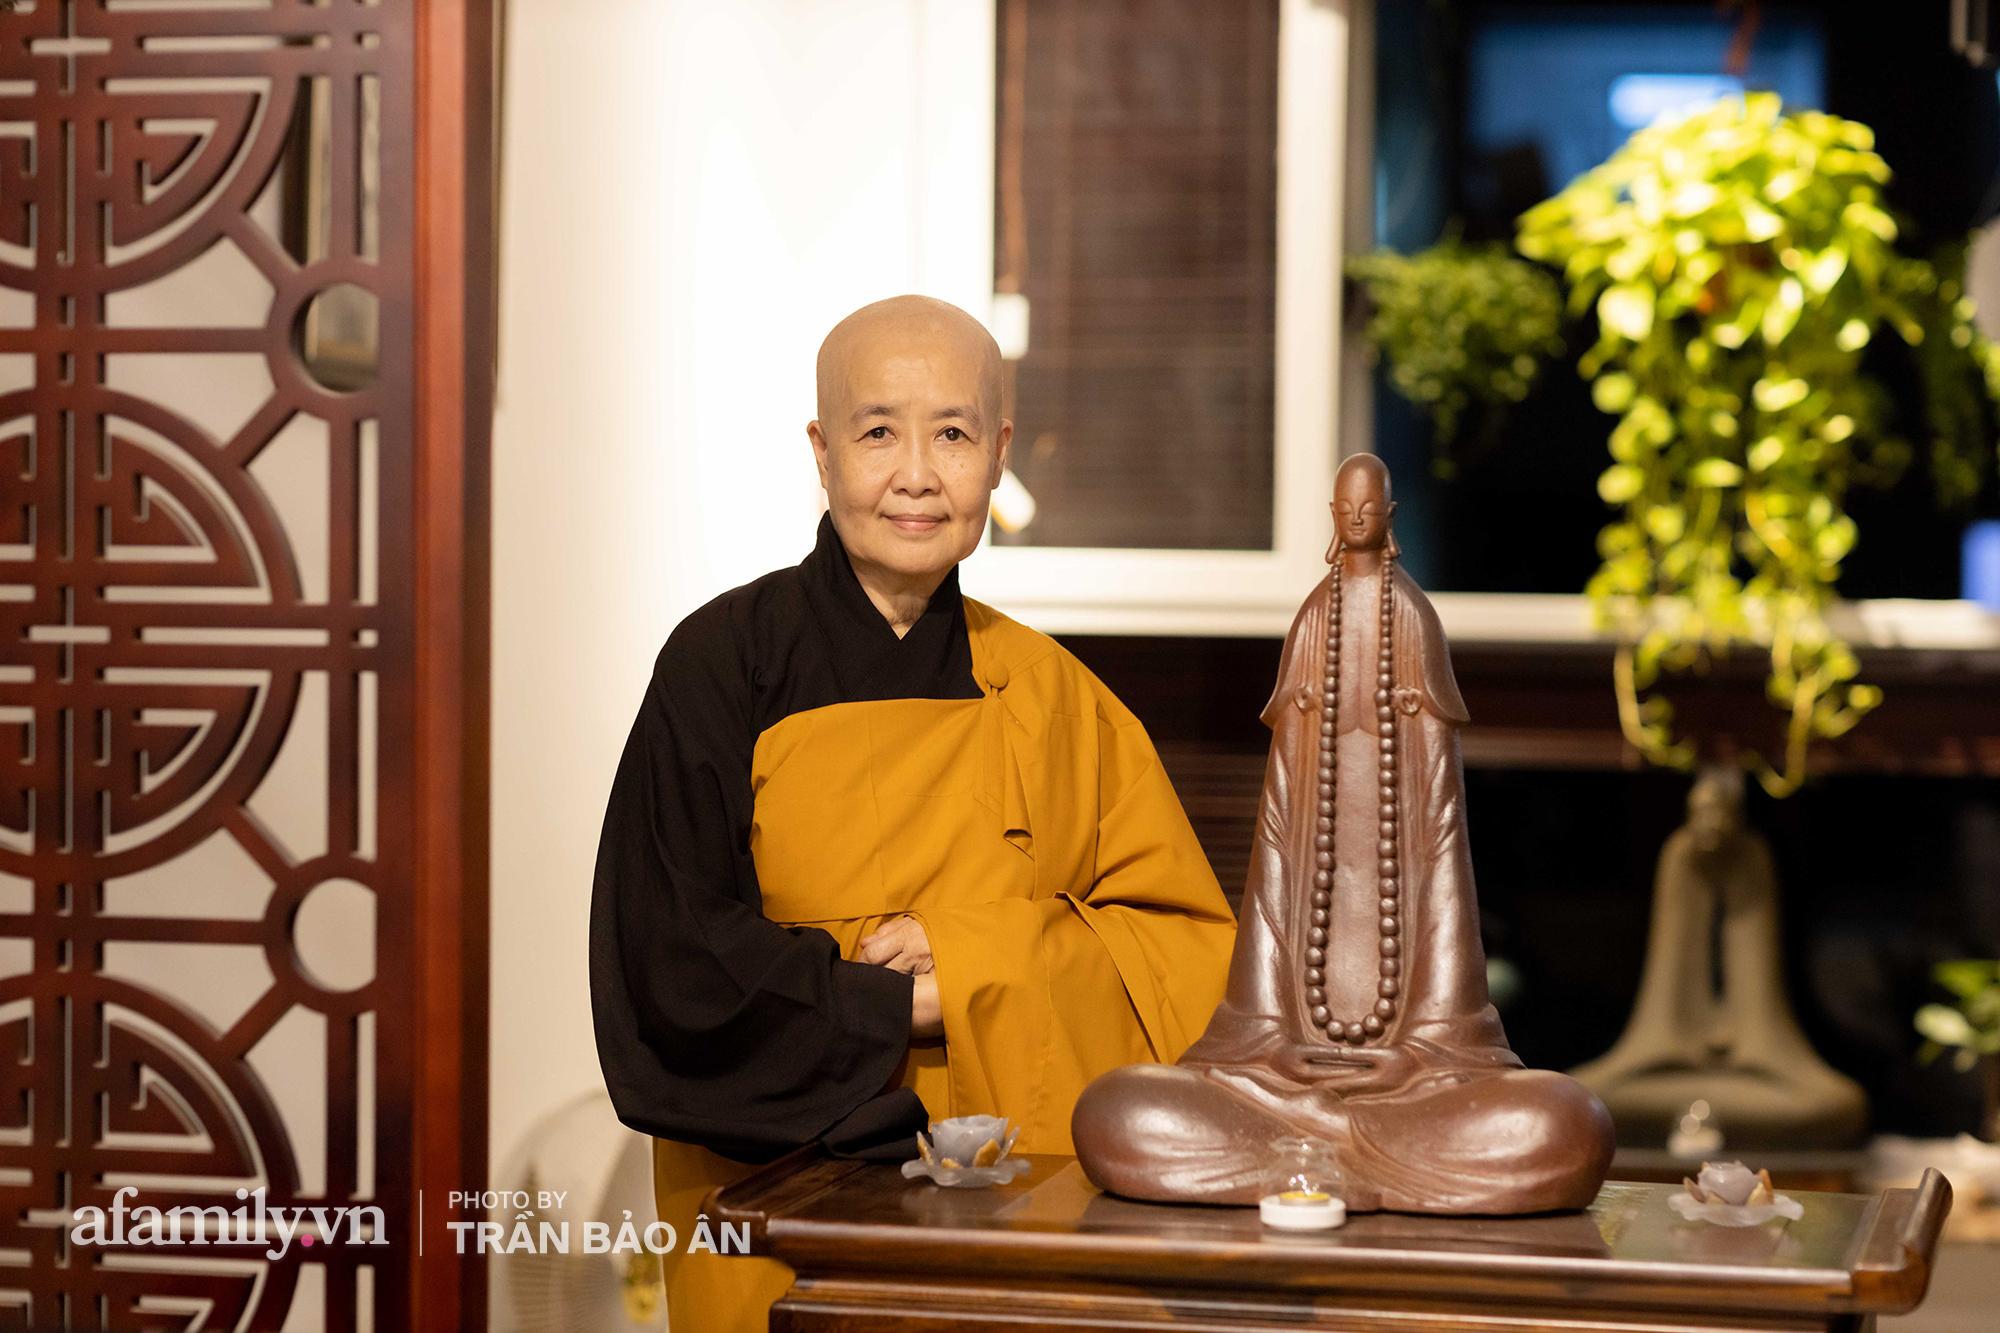 Những hình ảnh hiếm hoi tại nhà của Nghệ nhân ẩm thực Nguyễn Dzoãn Cẩm Vân kể từ khi xuất gia và bữa cơm chay do đích thân cô xuống bếp thiết đãi - Ảnh 14.